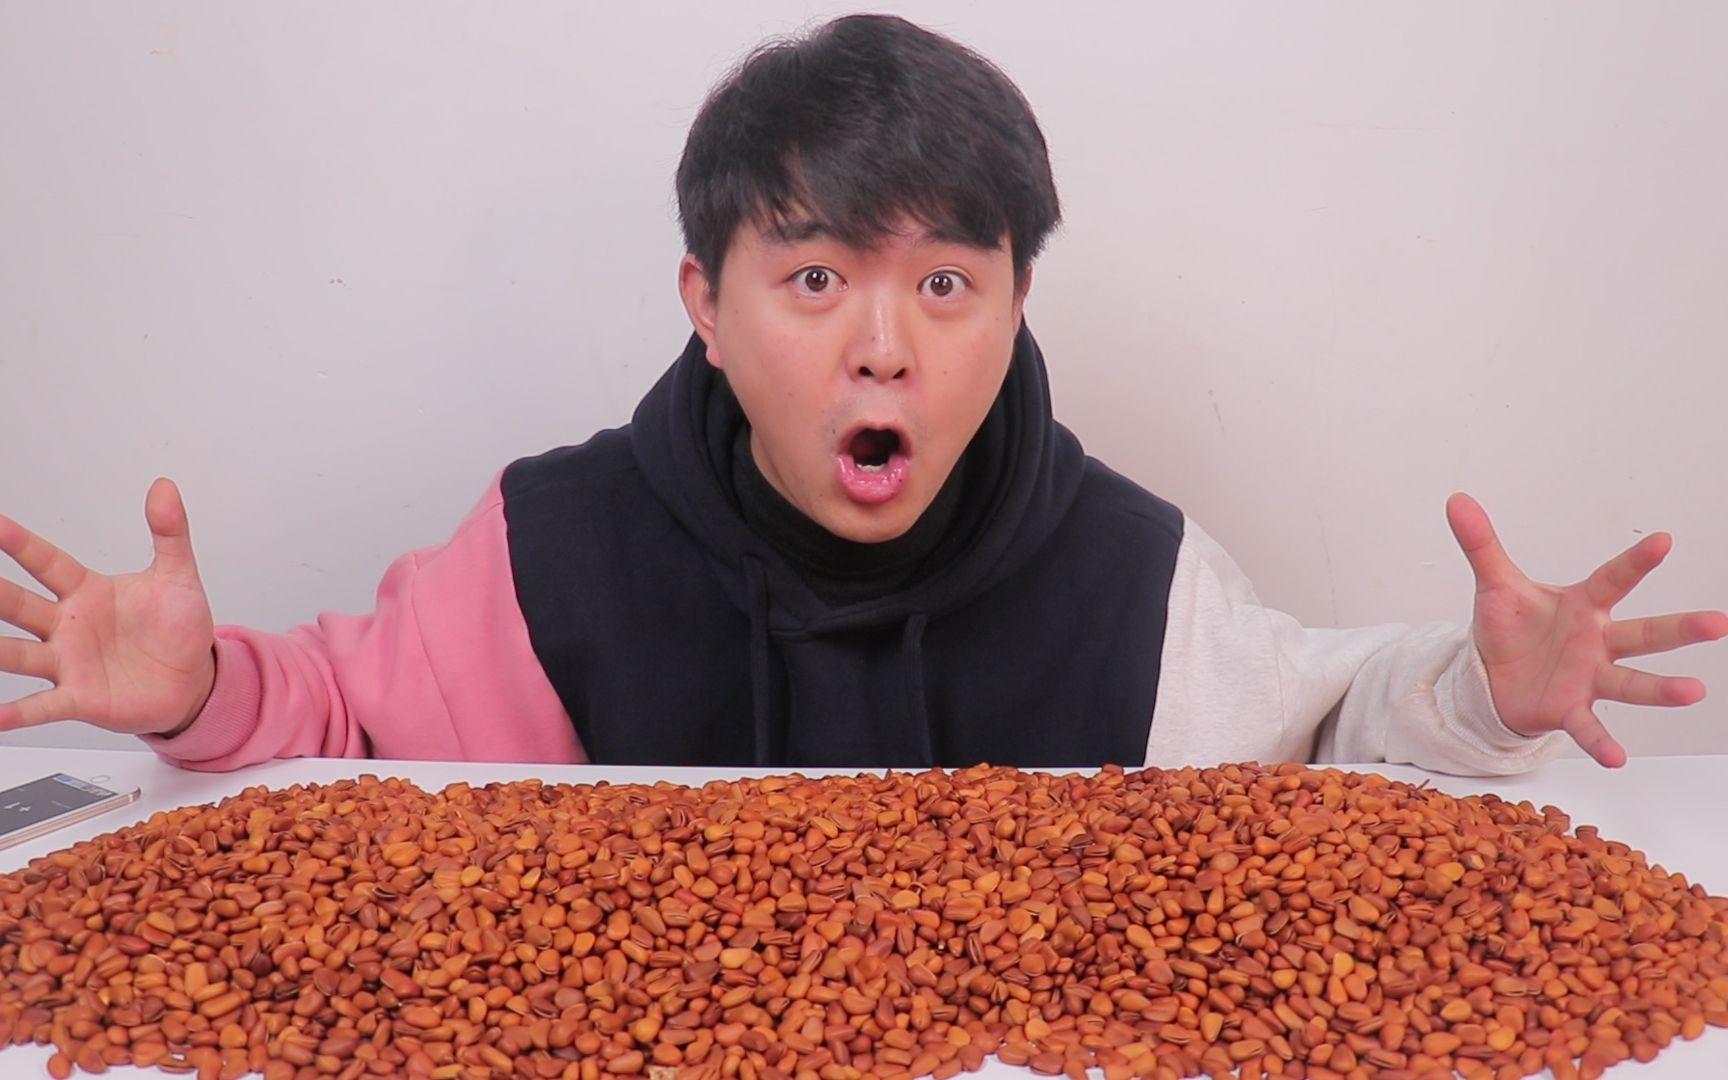 小伙買了十斤松子,挑戰只吃松子能讓人吃飽嗎,結果快吃自閉了